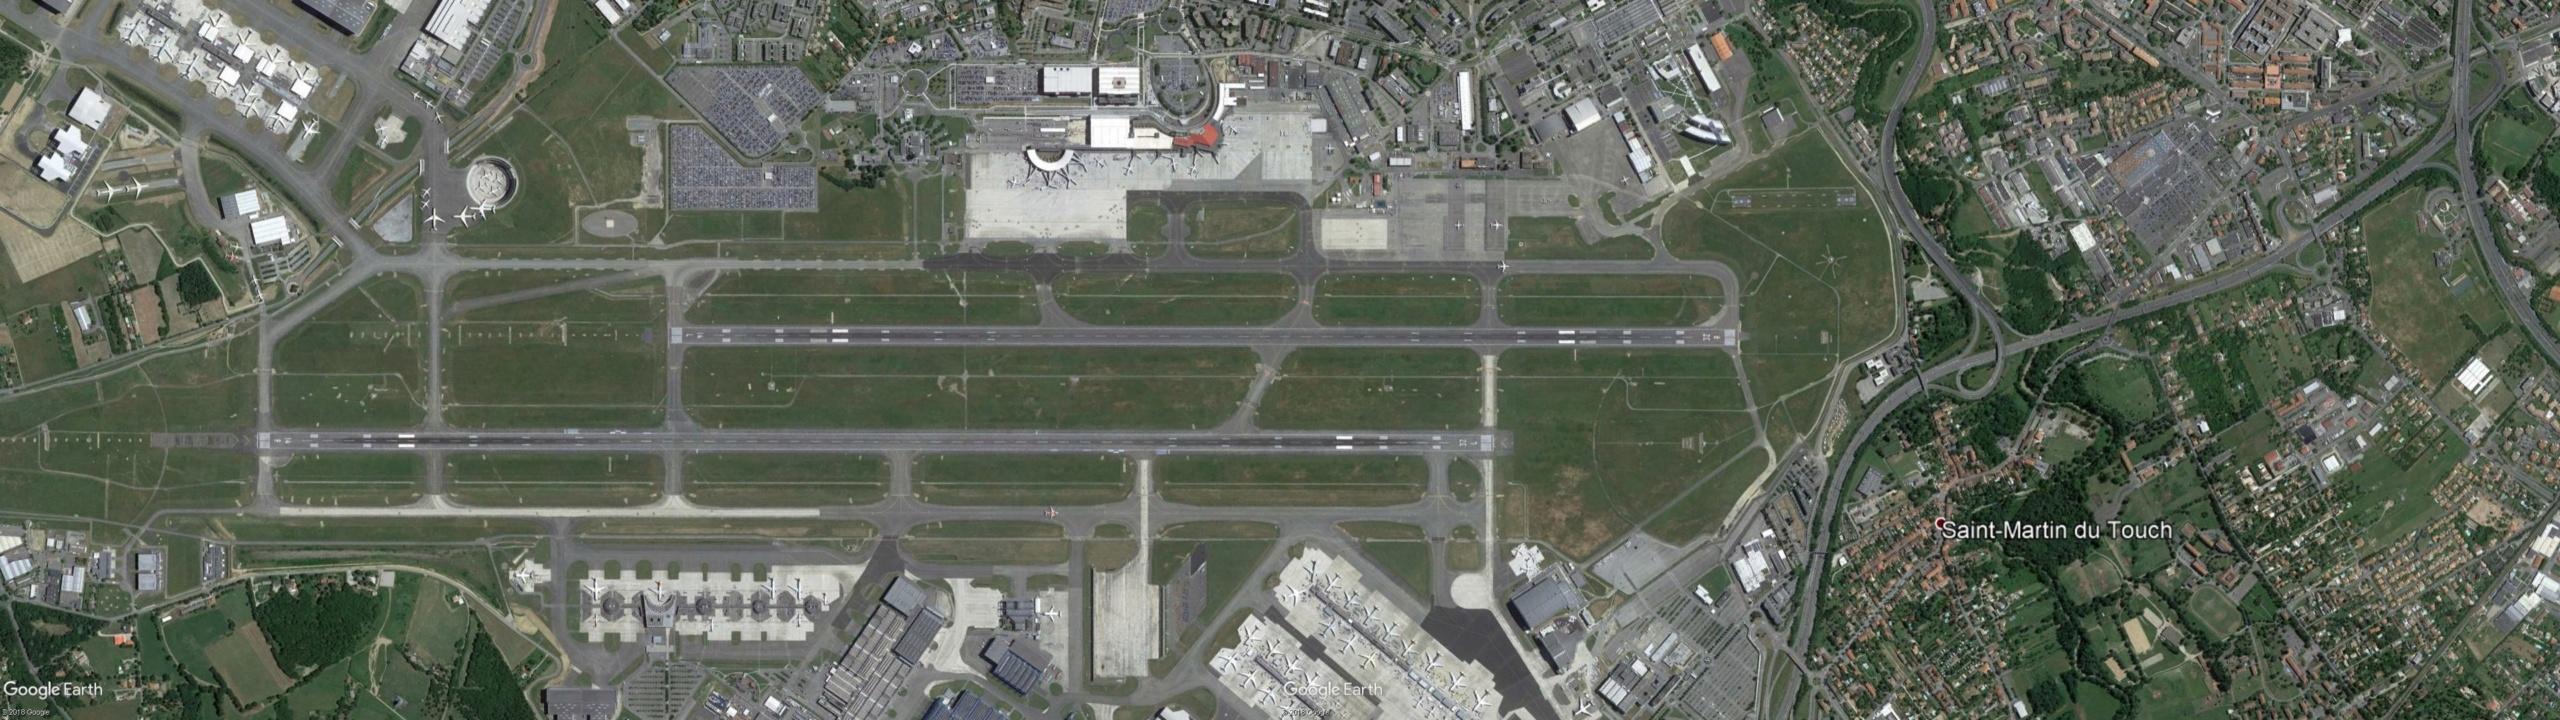 [Résolu] Capture d'écran supérieure à l'image de l'écran de Google Earth - Page 2 Toulou10